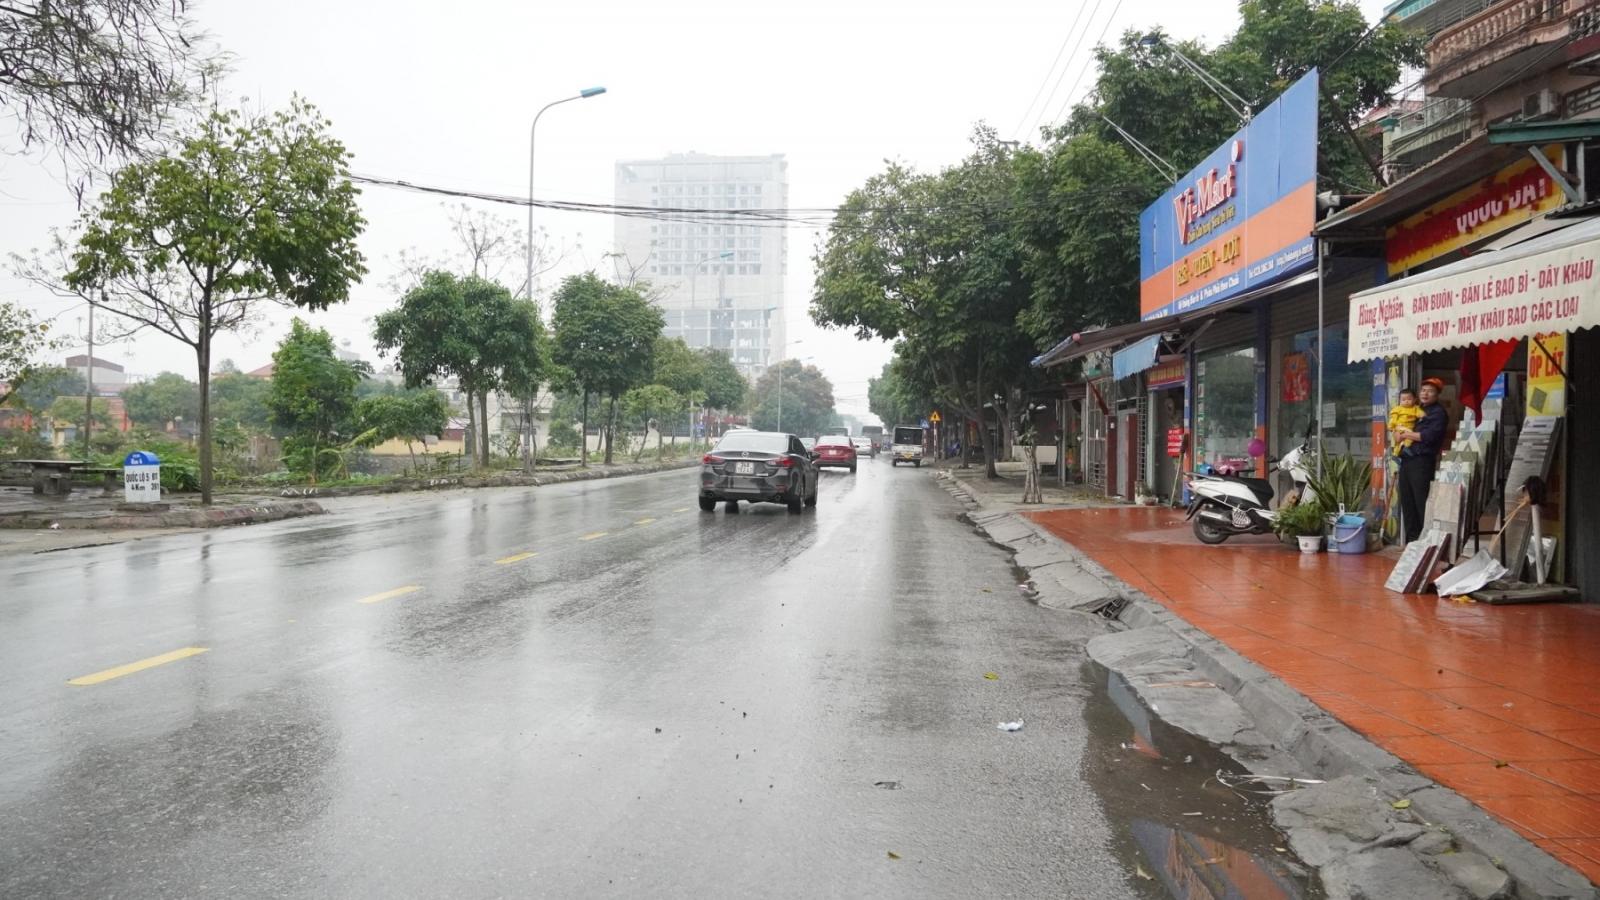 Hải Dương chưa cho phép nhà hàng, quán ăn, quán cà phê phục vụ tại chỗ